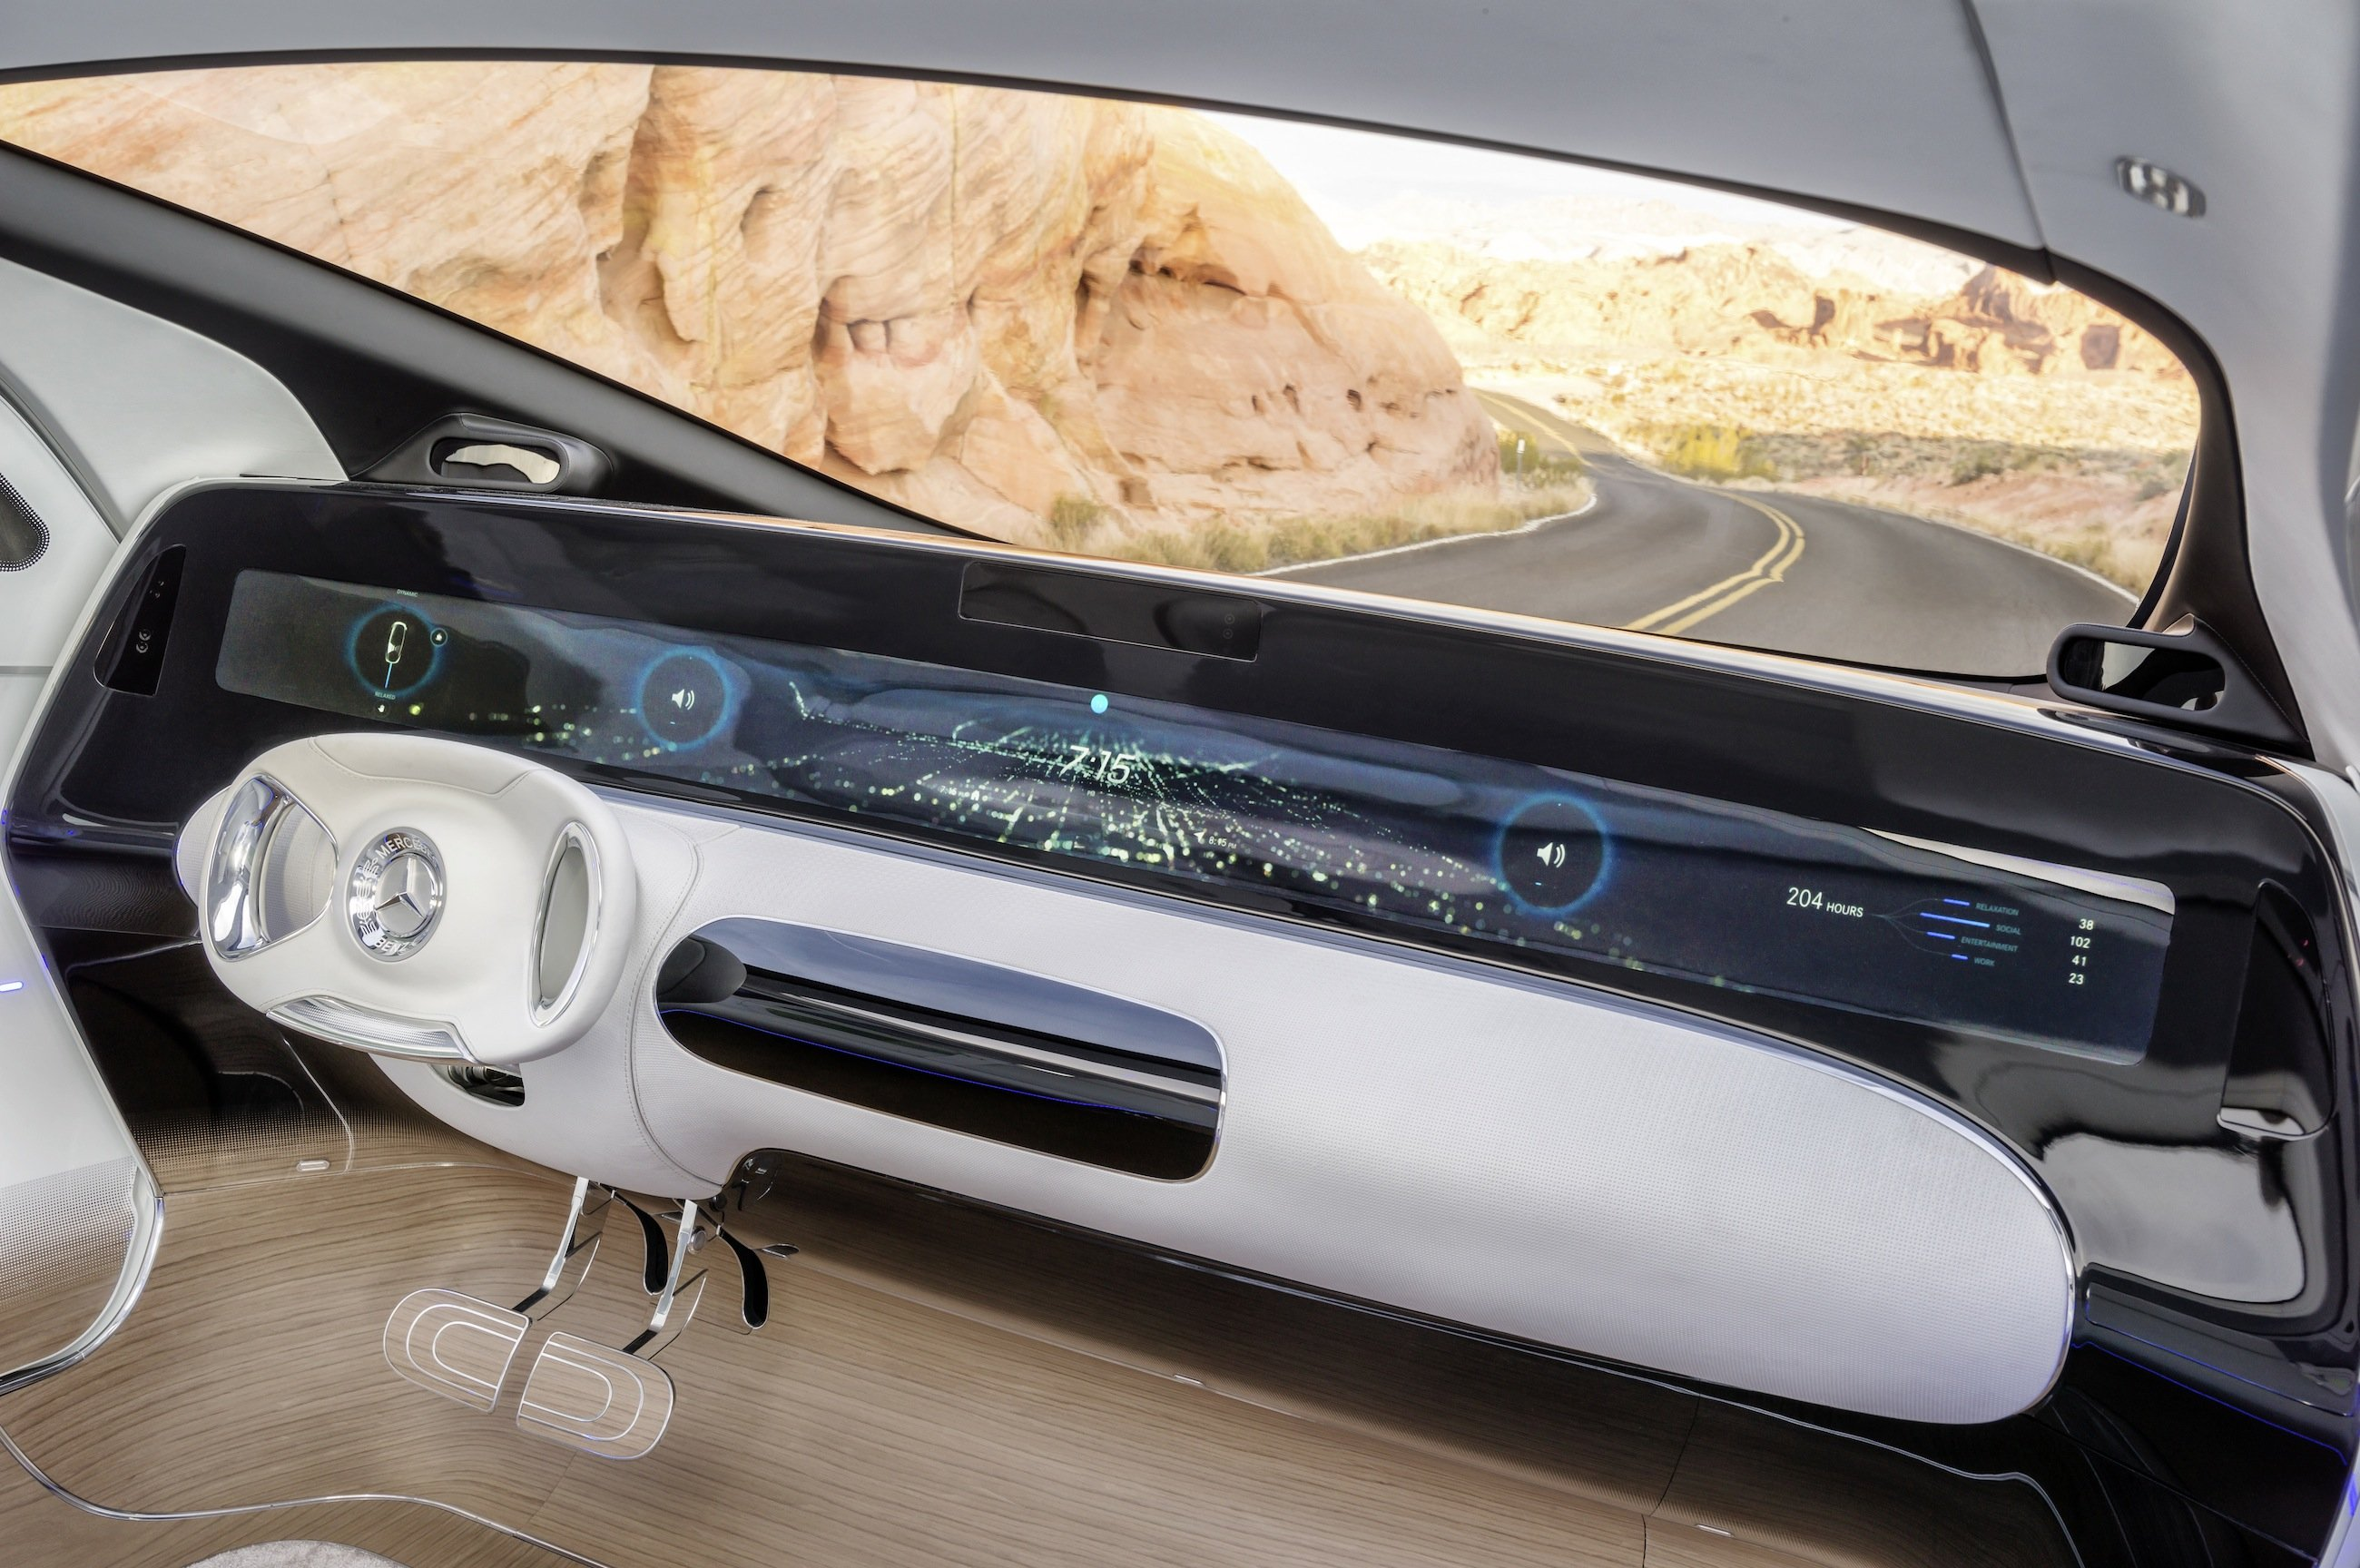 Cockpit des F 015: Das Auto wird über Gesten, Augenbewegungen, Sprachbefehle und Berührungen der Displays gesteuert. Von einem traditionellen Auto sind lediglich das Lenkrad und die Pedale übrig geblieben.